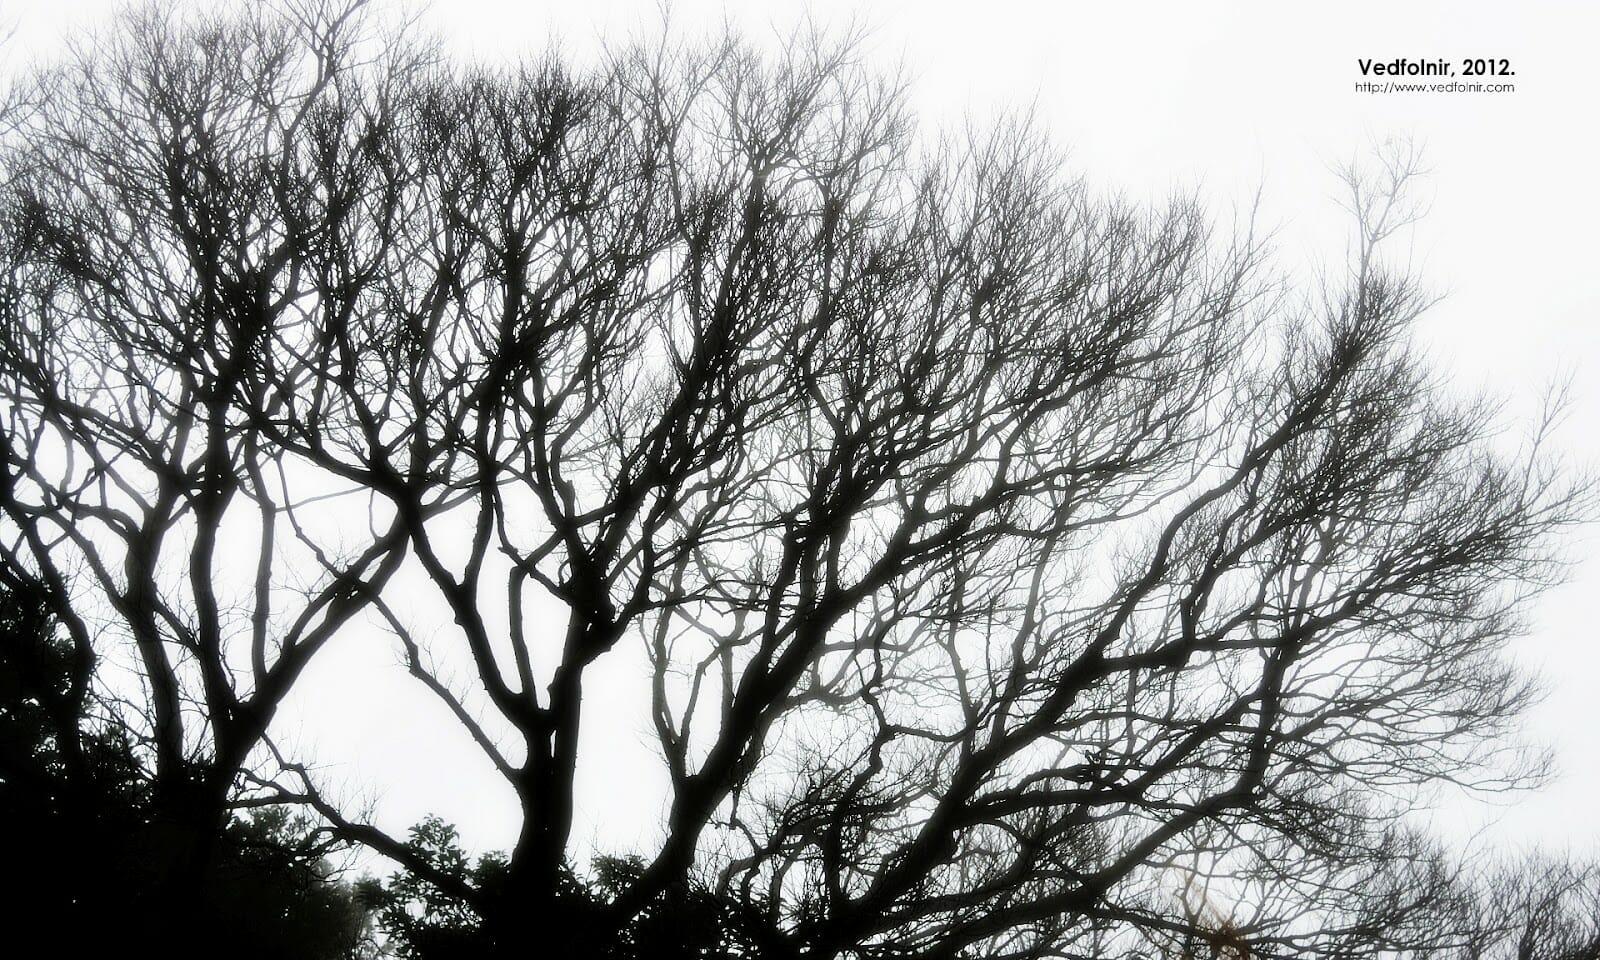 樹梢上的白霧